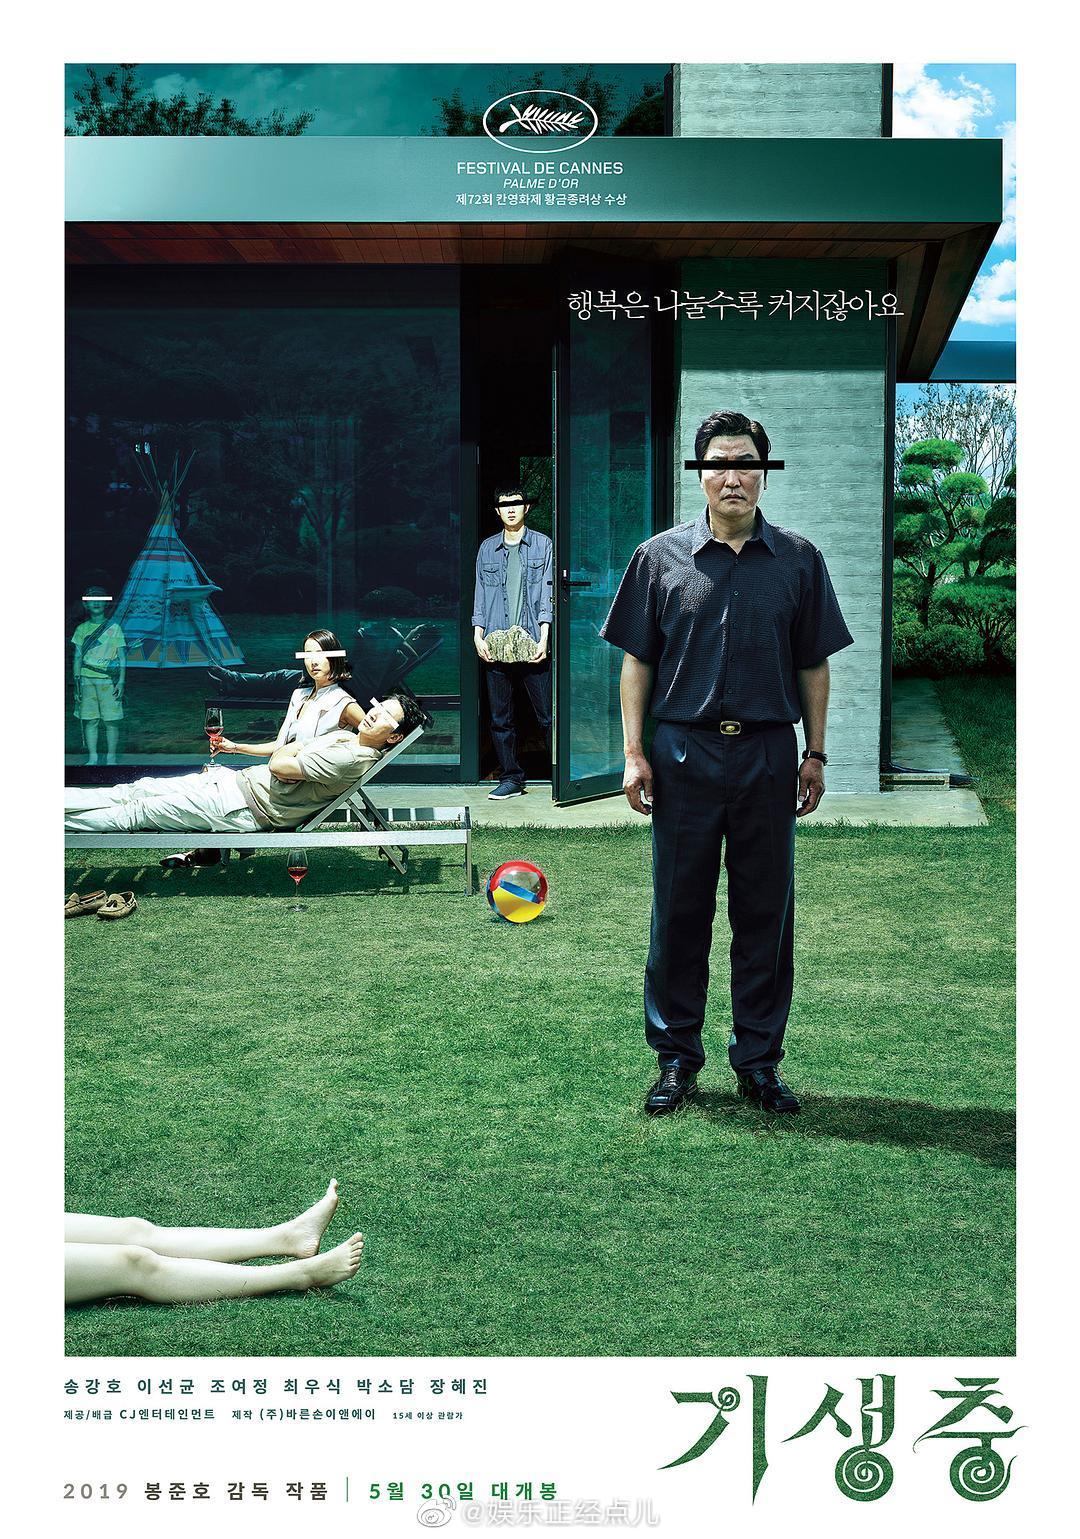 奉俊昊的《寄生虫》将代表韩国参与竞争奥斯卡最佳外语片奖